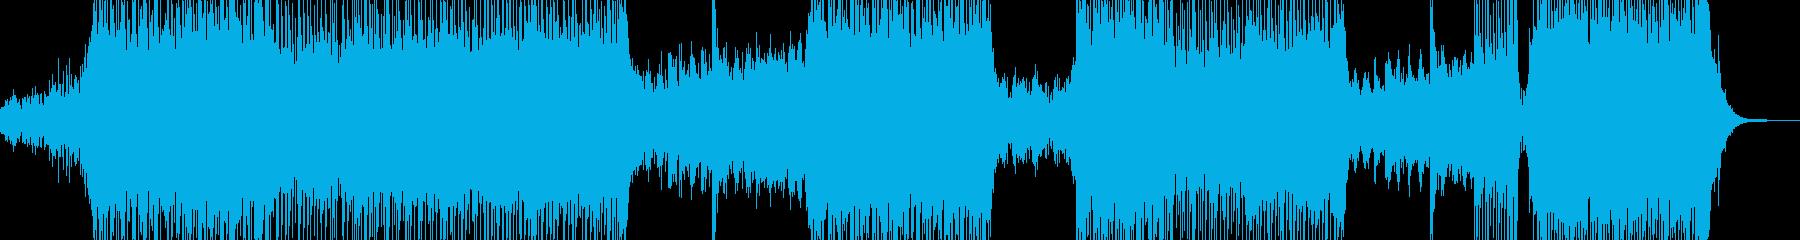 鮮やかな近未来イメージ SFポップ Aの再生済みの波形